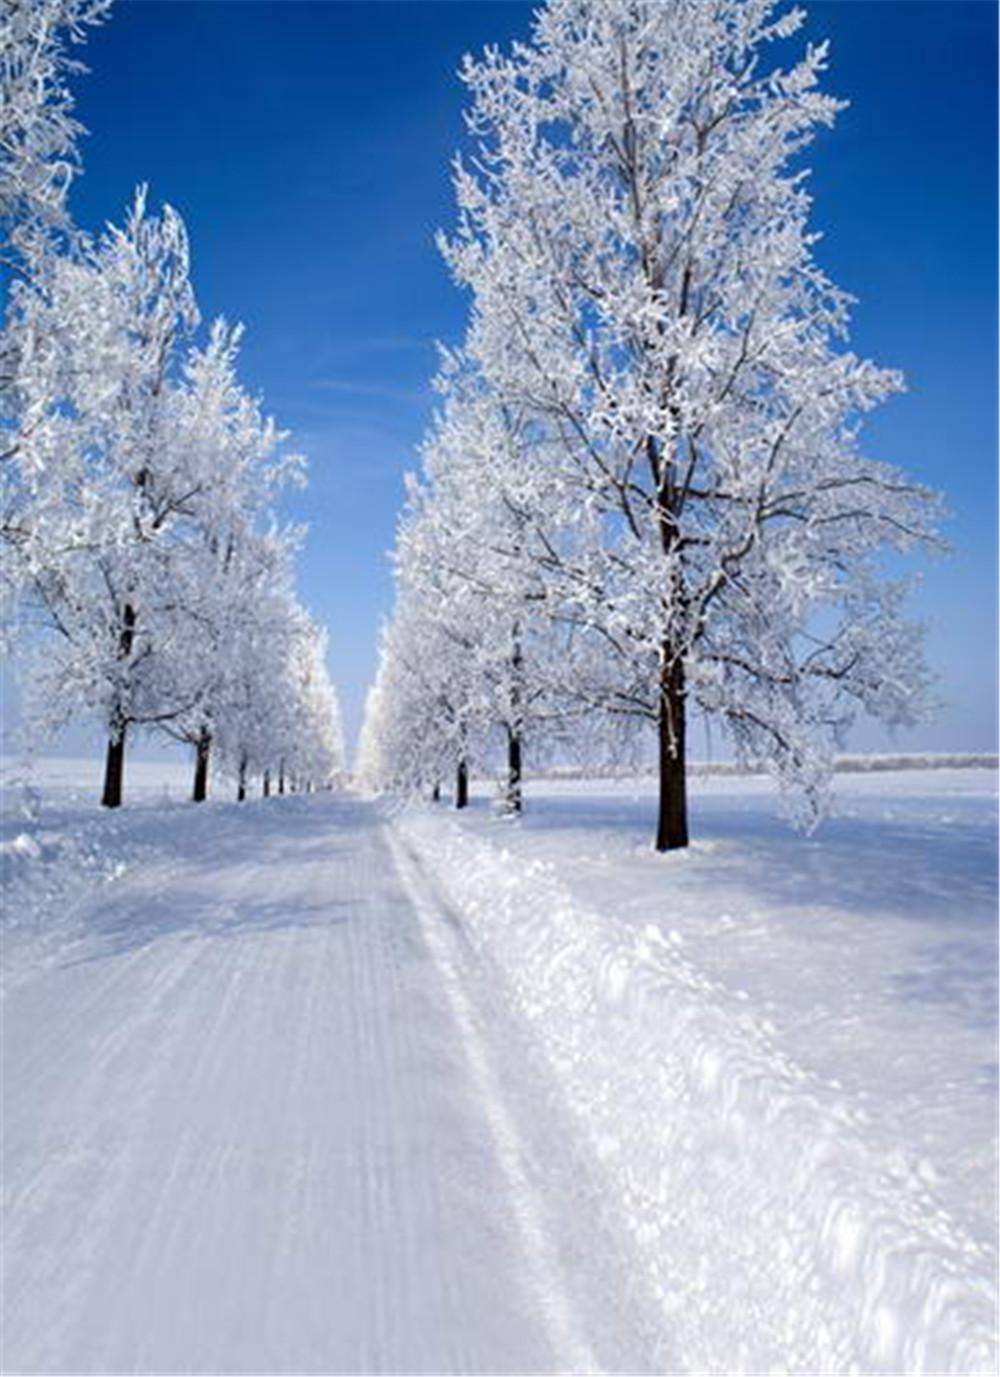 acheter ensoleill bleu ciel hiver scenic photographie d cors neige route arbres blancs en plein. Black Bedroom Furniture Sets. Home Design Ideas